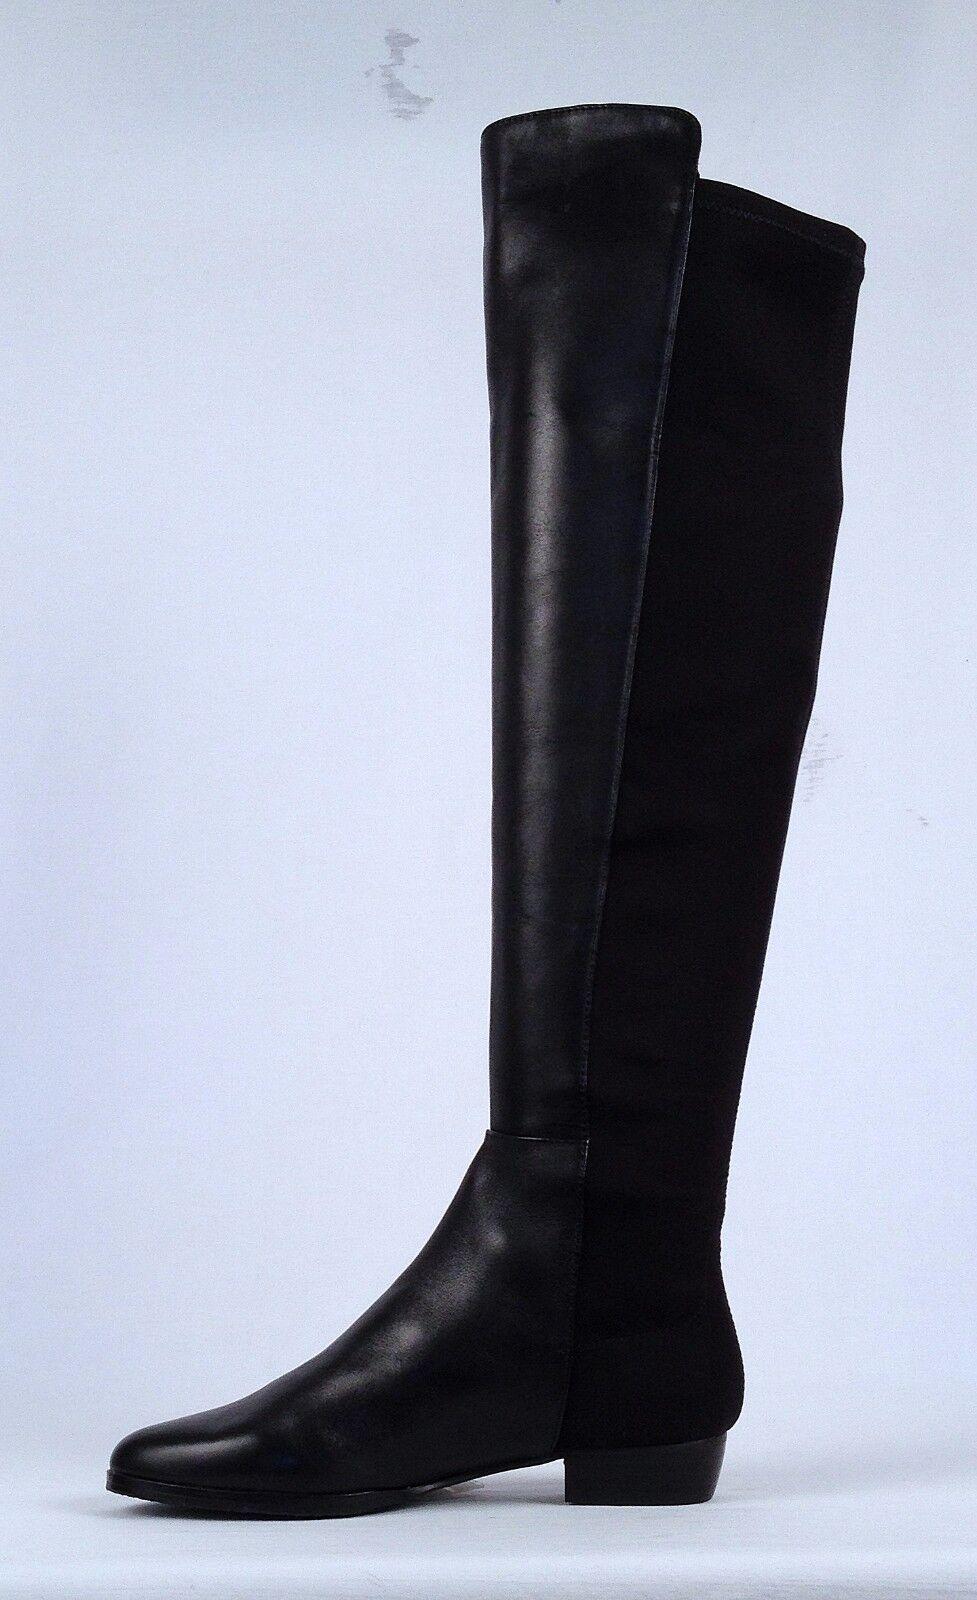 NEW   Vince Camuto '5050' Leder Over the Knee Nappa Leder '5050' Boot- Größe 5 M   (B34) bdcb6a